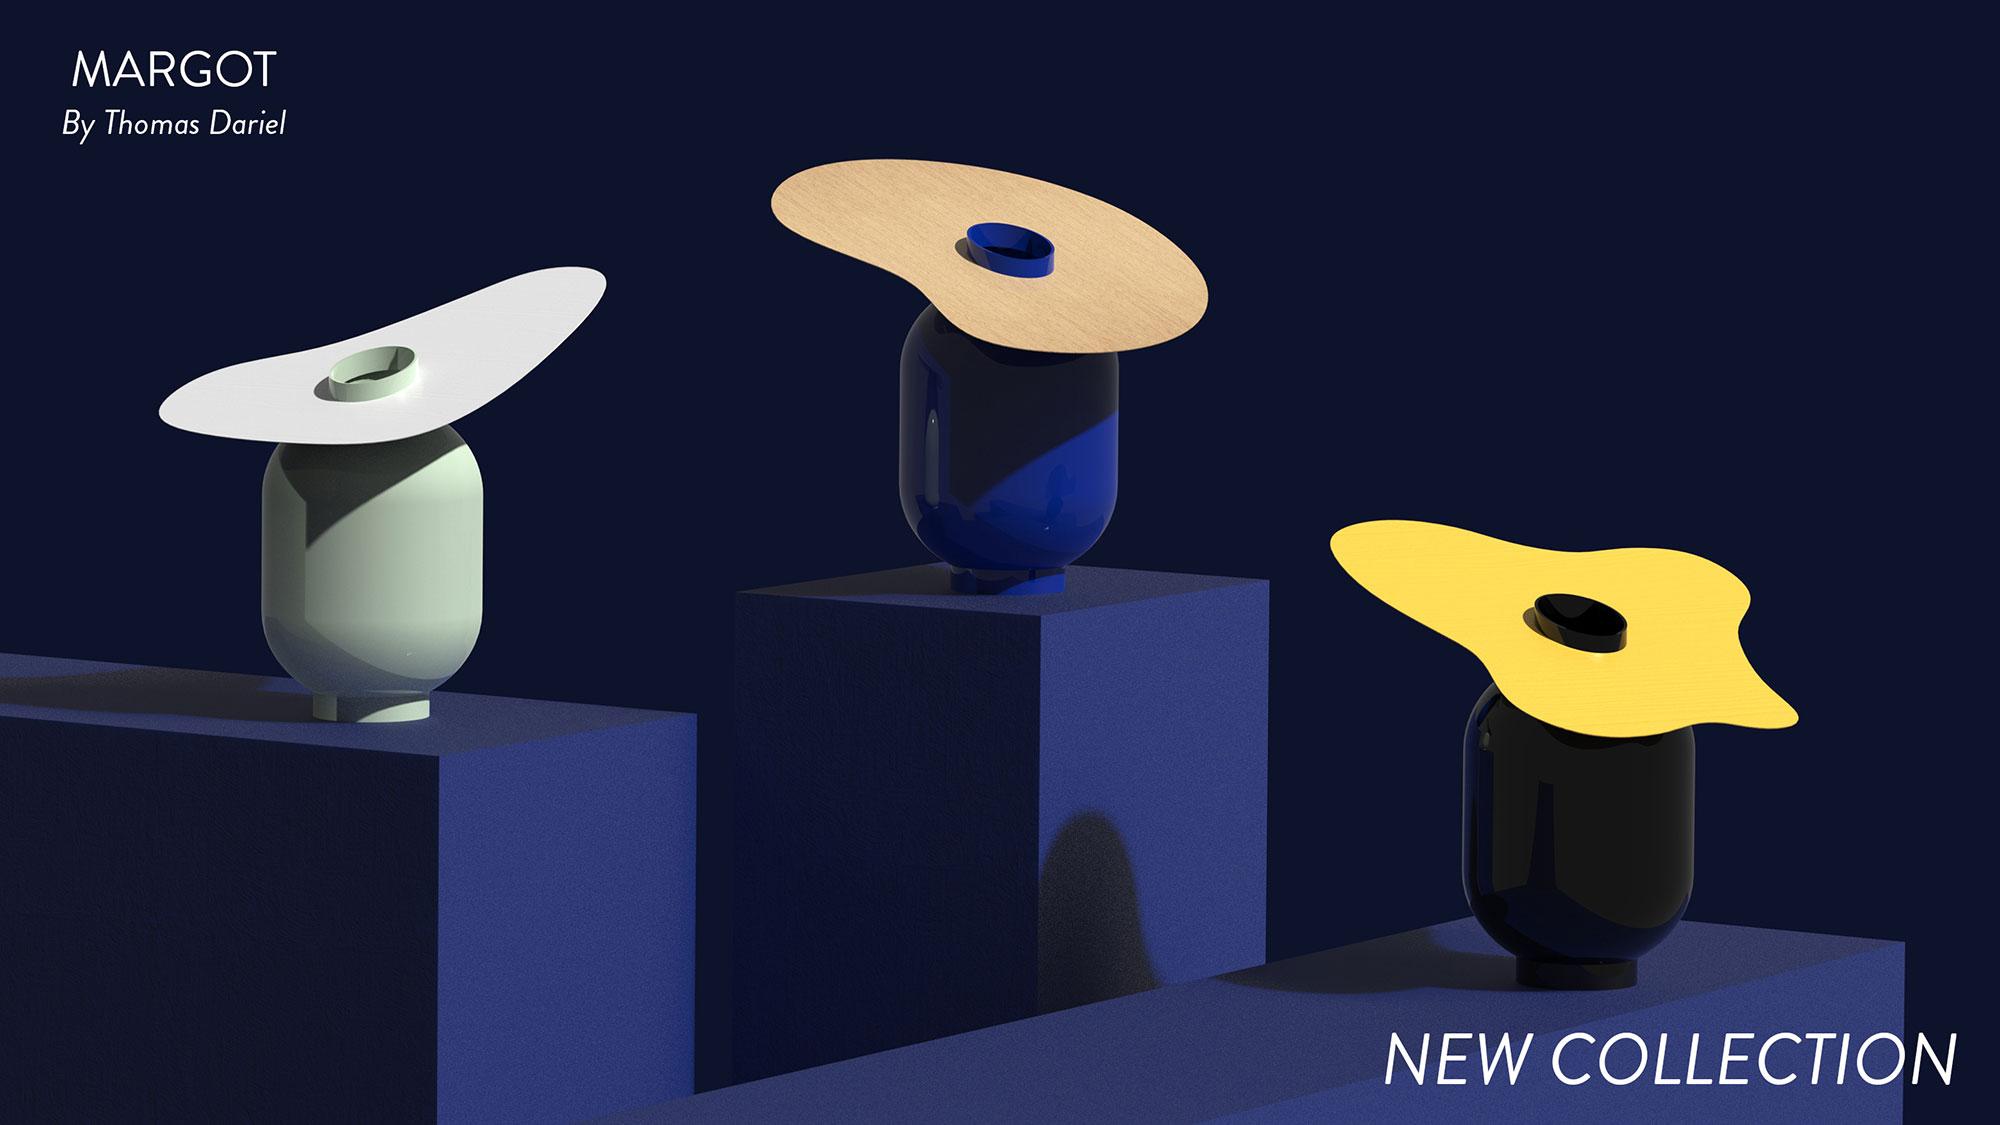 1-banner-maison-dada-new-collection-margot-vase-accessories-thomas-dariel-2000px